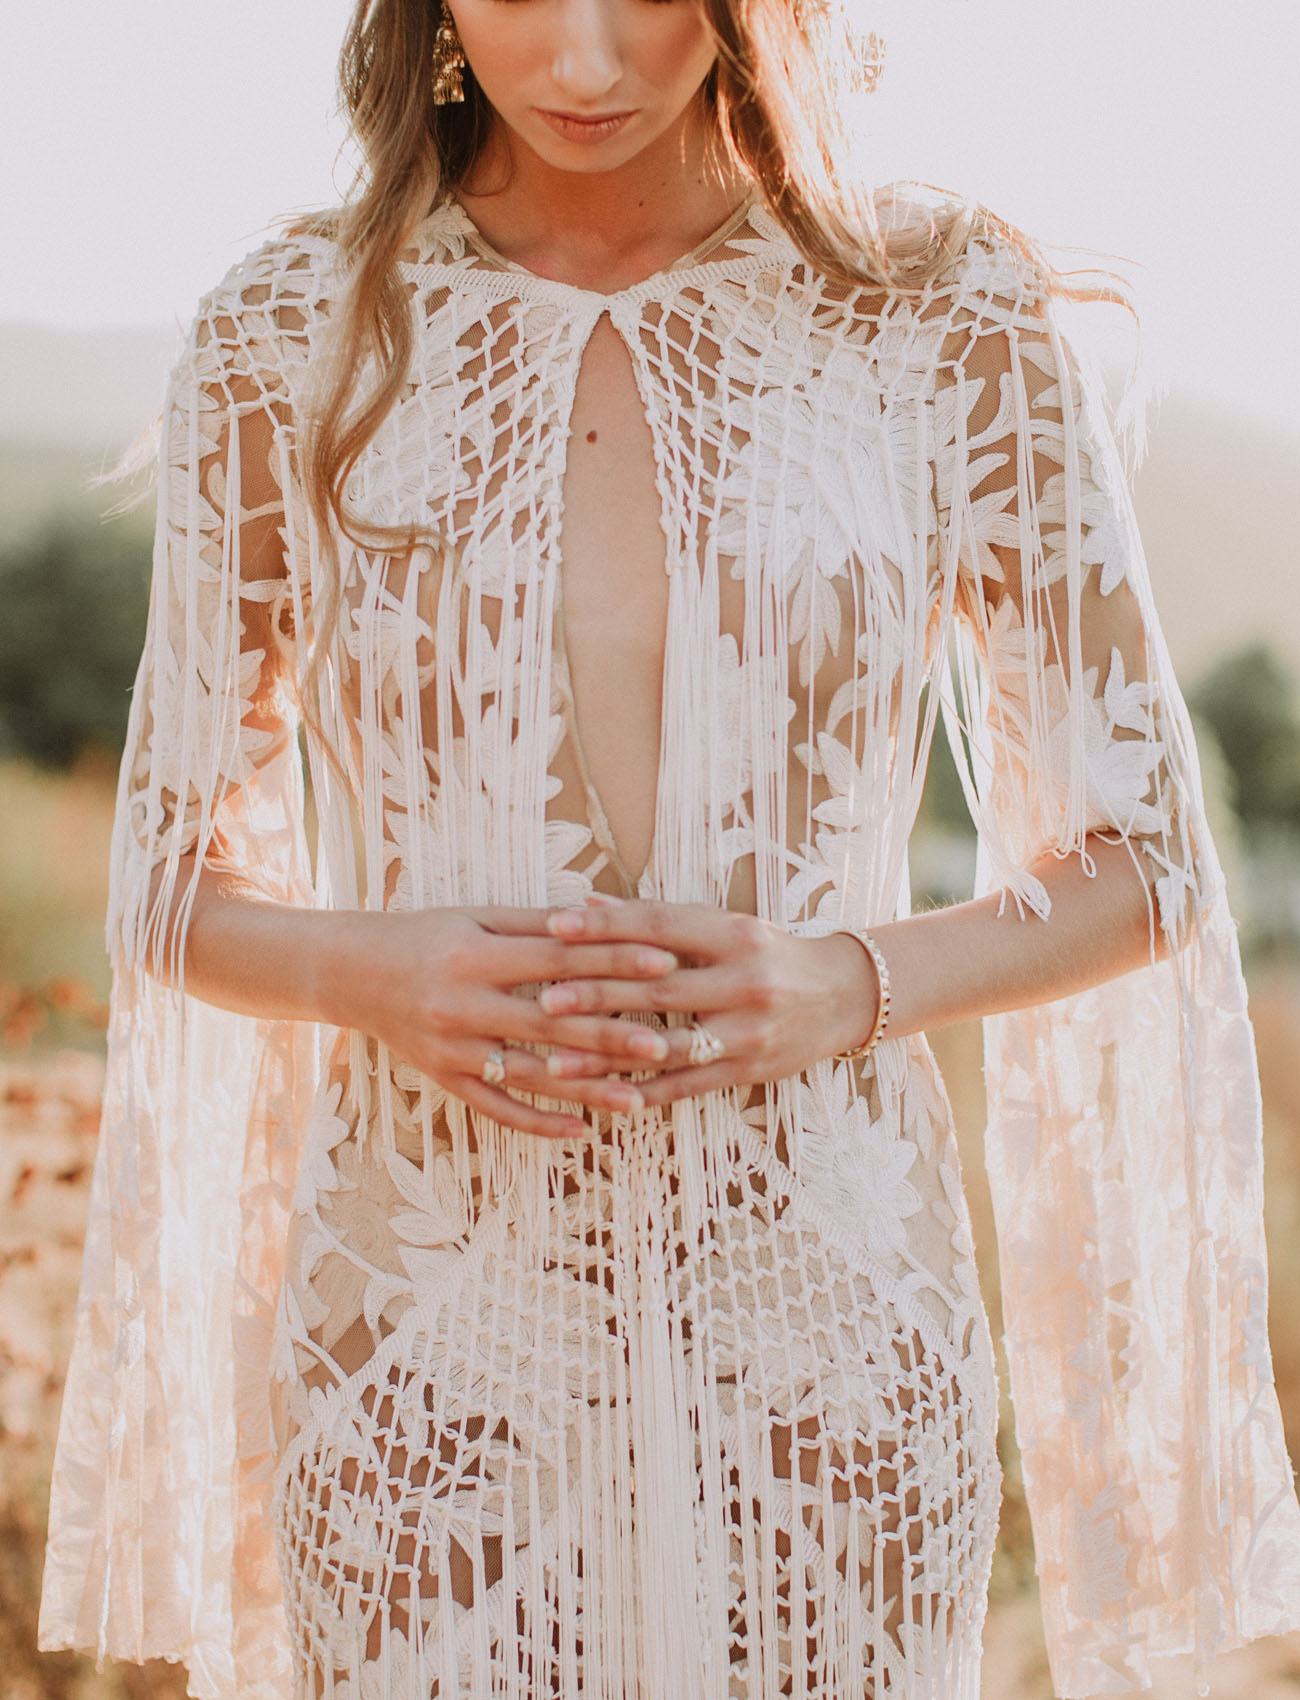 fringe dress details